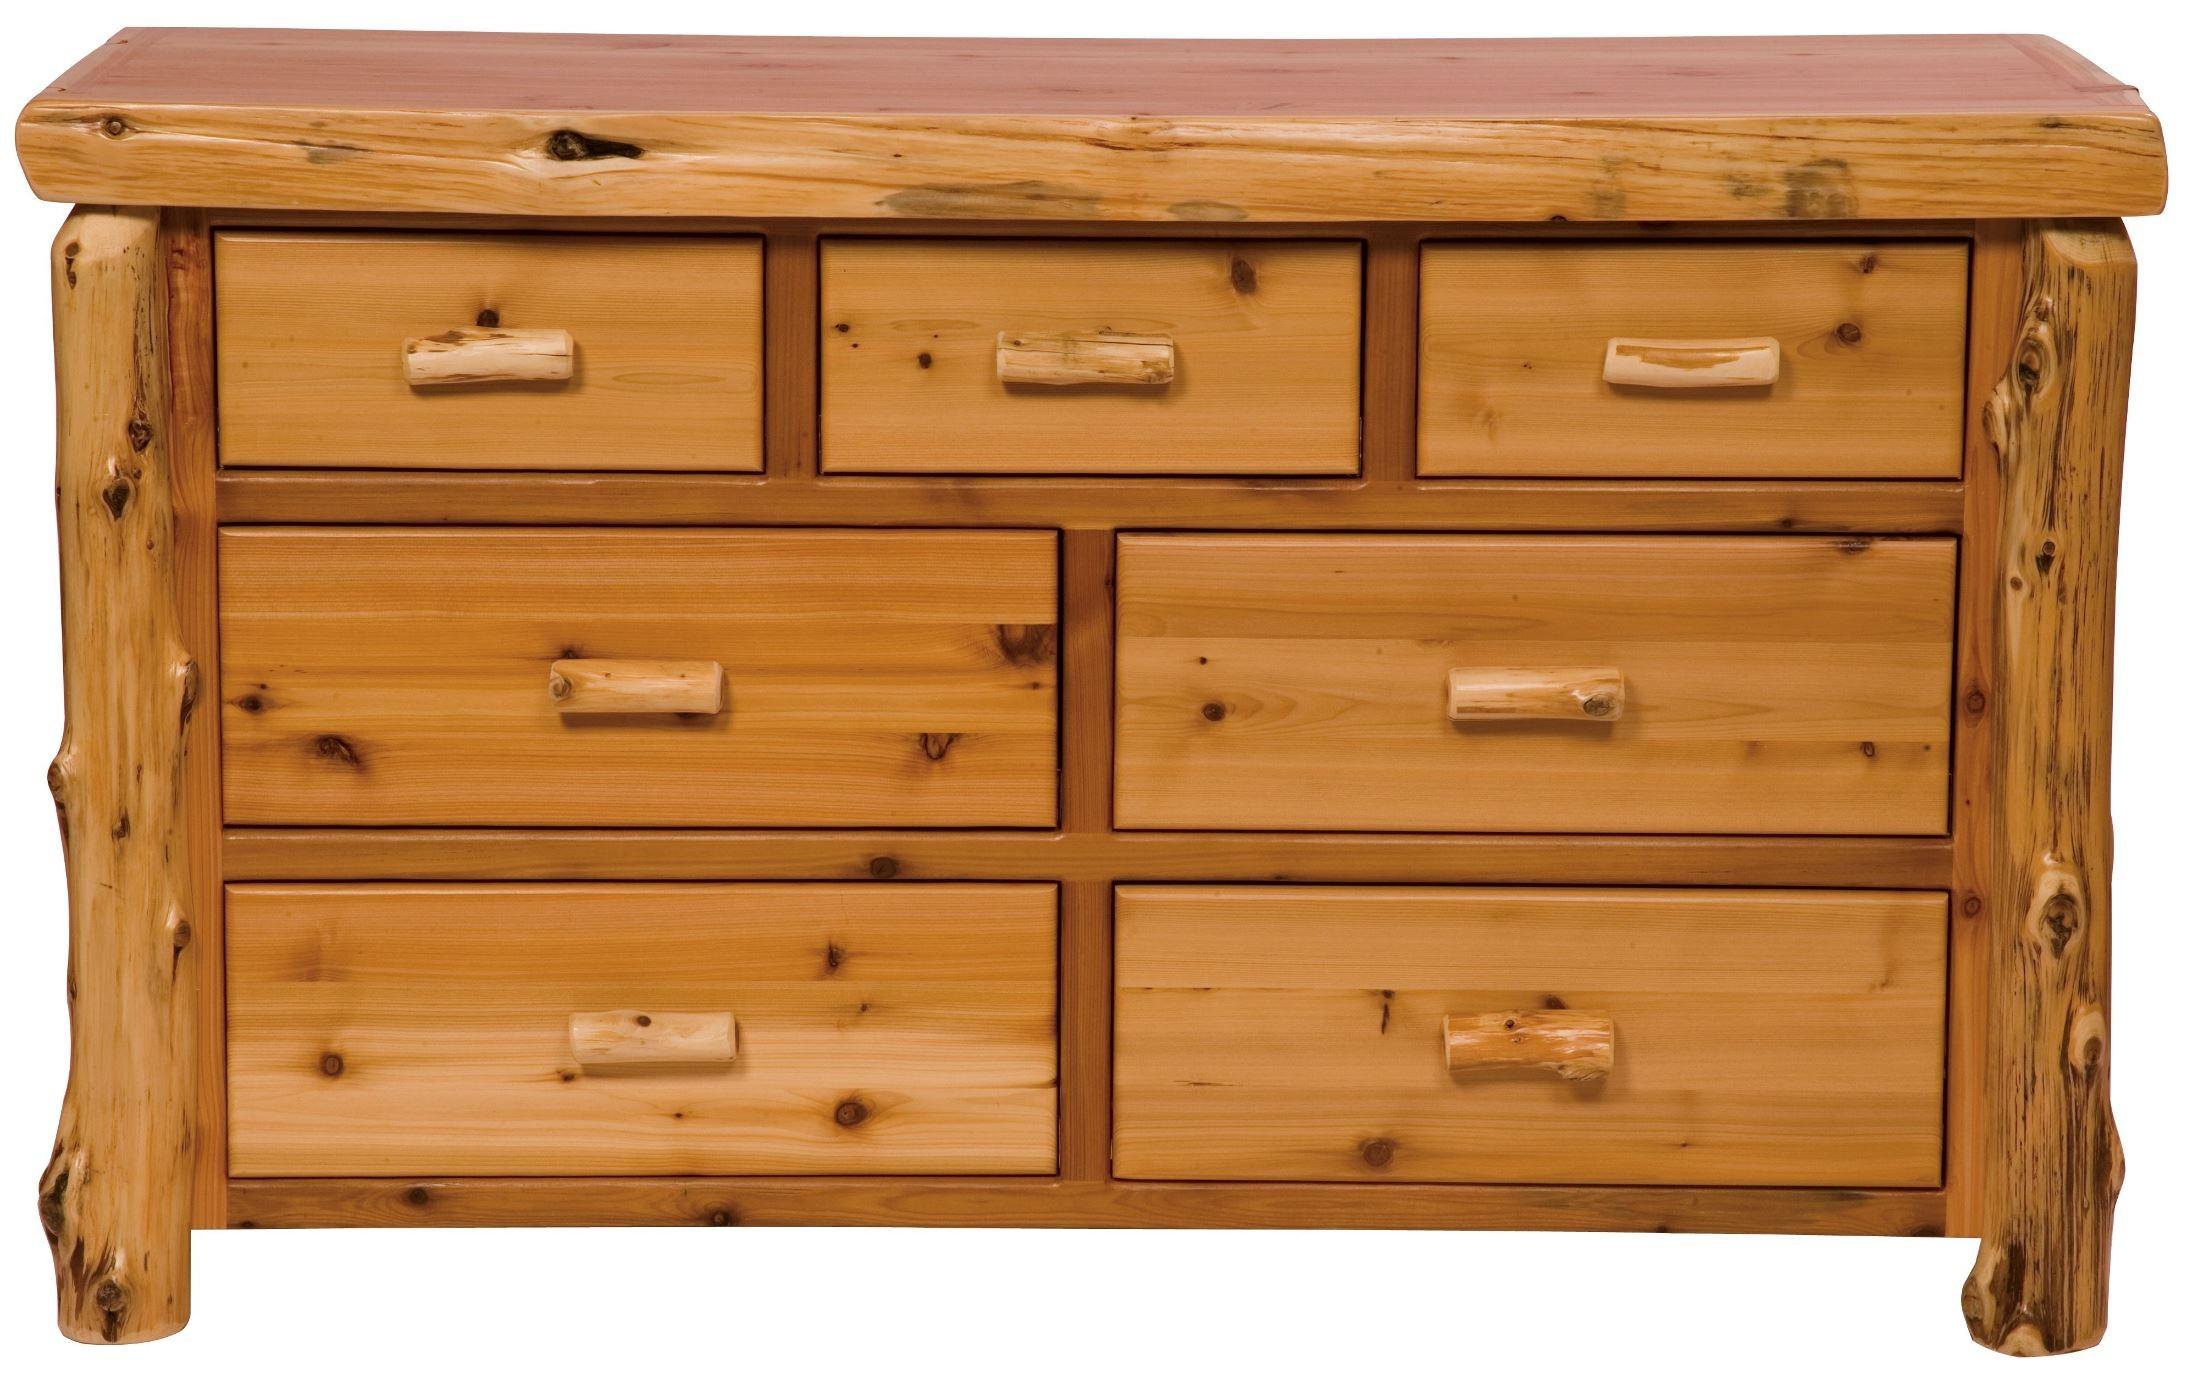 Traditional Cedar Value Seven Drawer Dresser From Fireside Lodge 12051 V Coleman Furniture